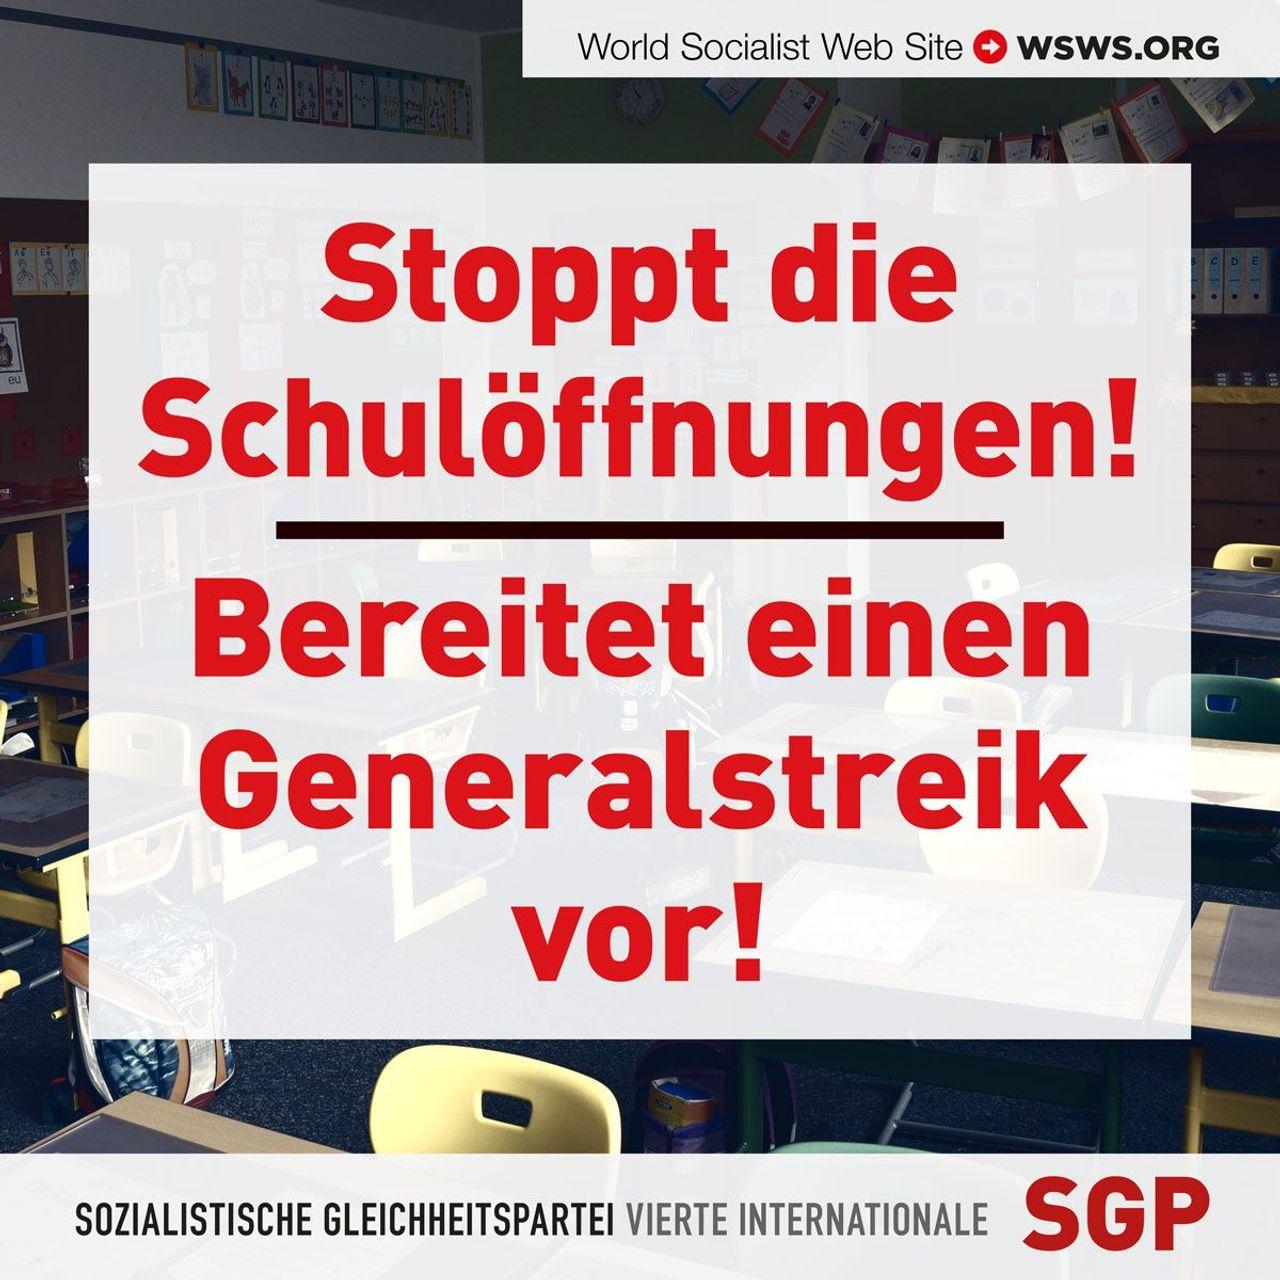 F-r-einen-europaweiten-Schulstreik-gegen-die-Schul-ffnung-